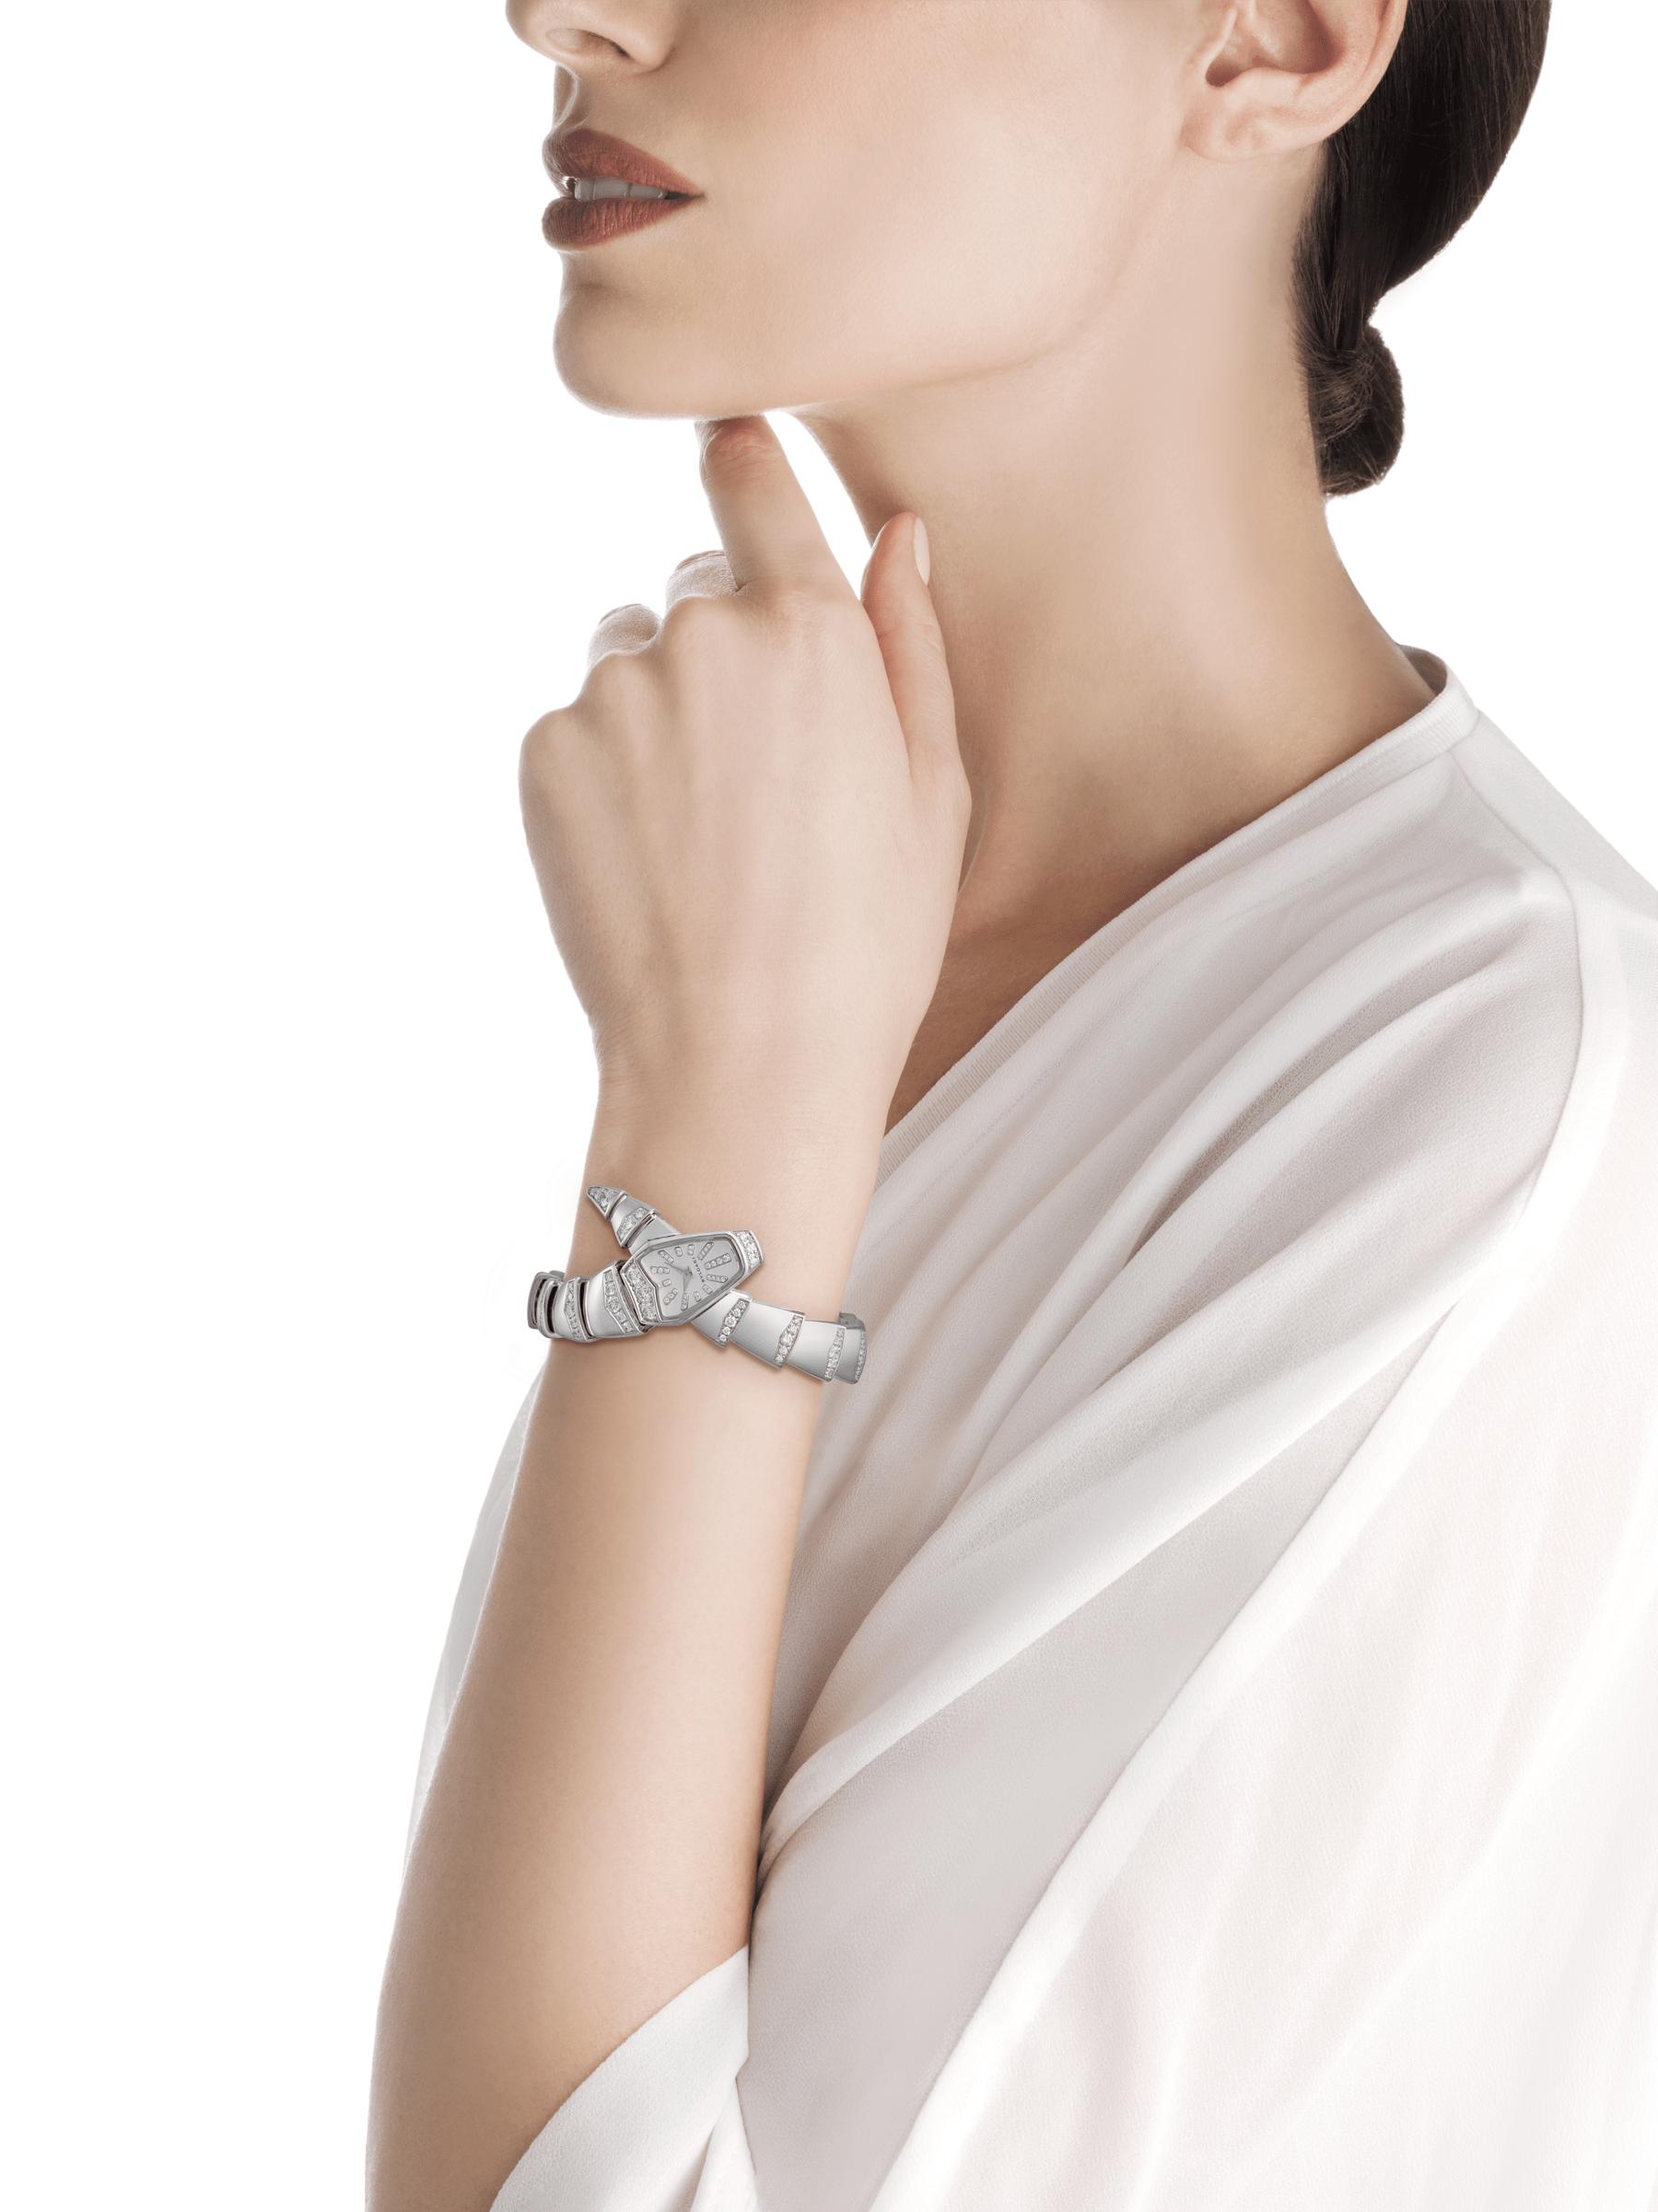 Montre-bijou Serpenti avec boîtier et bracelet une spirale en or blanc 18K sertis de diamants taille brillant, cadran en nacre blanche et index sertis de diamants. 102366 image 2